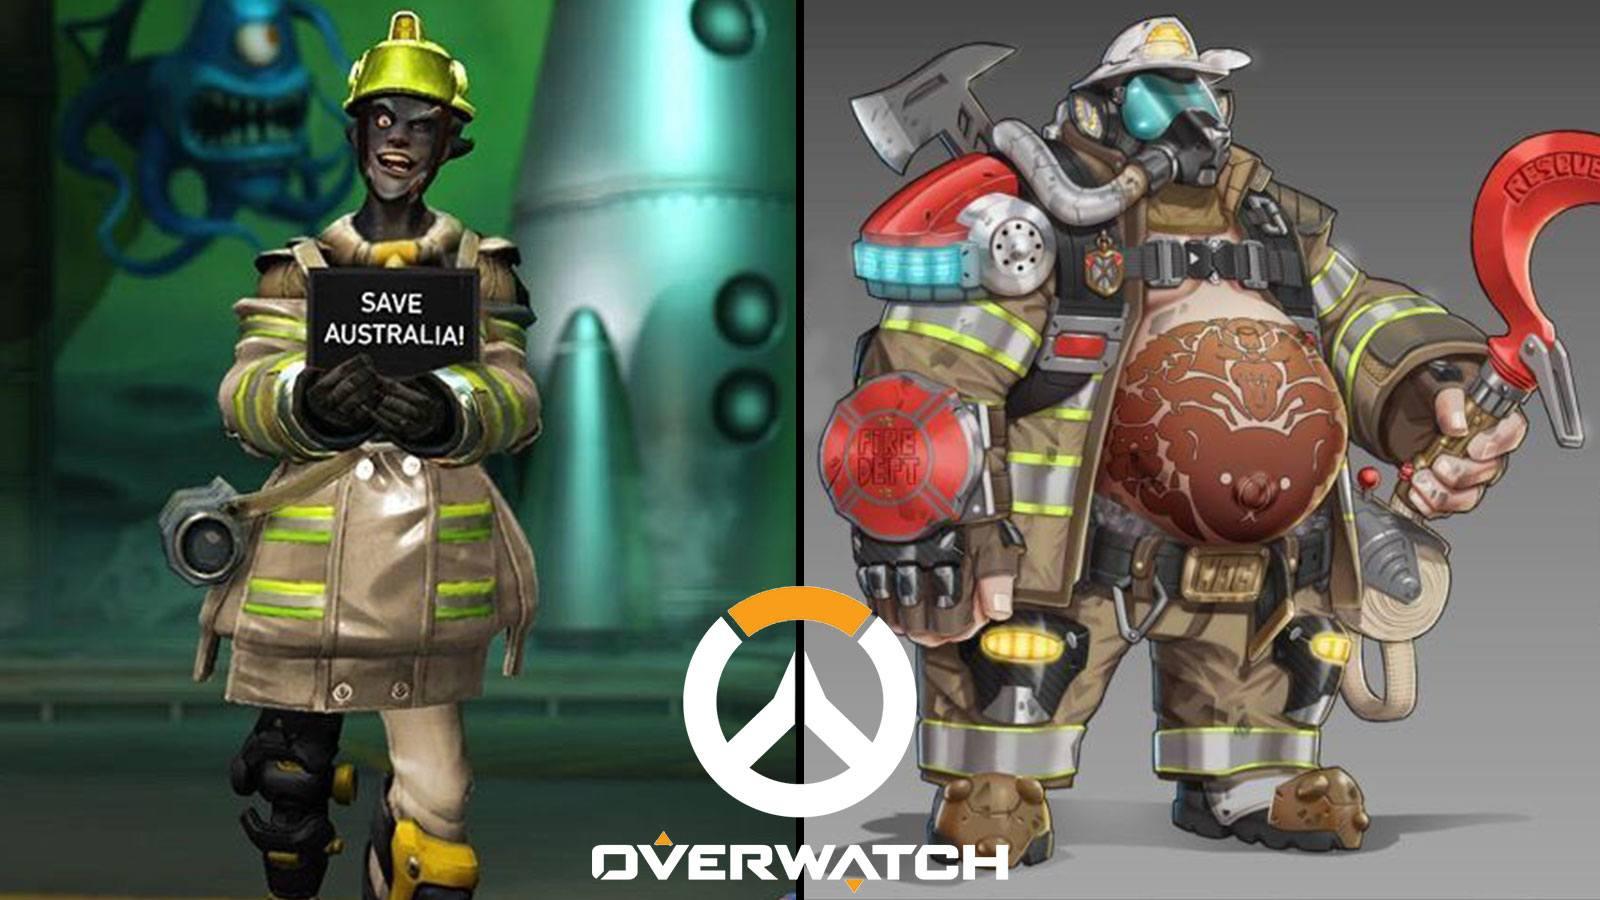 Deux propositions de skins (Chacal et Chopper) pompier pour soutenir la lutte contre les incendies en Australie